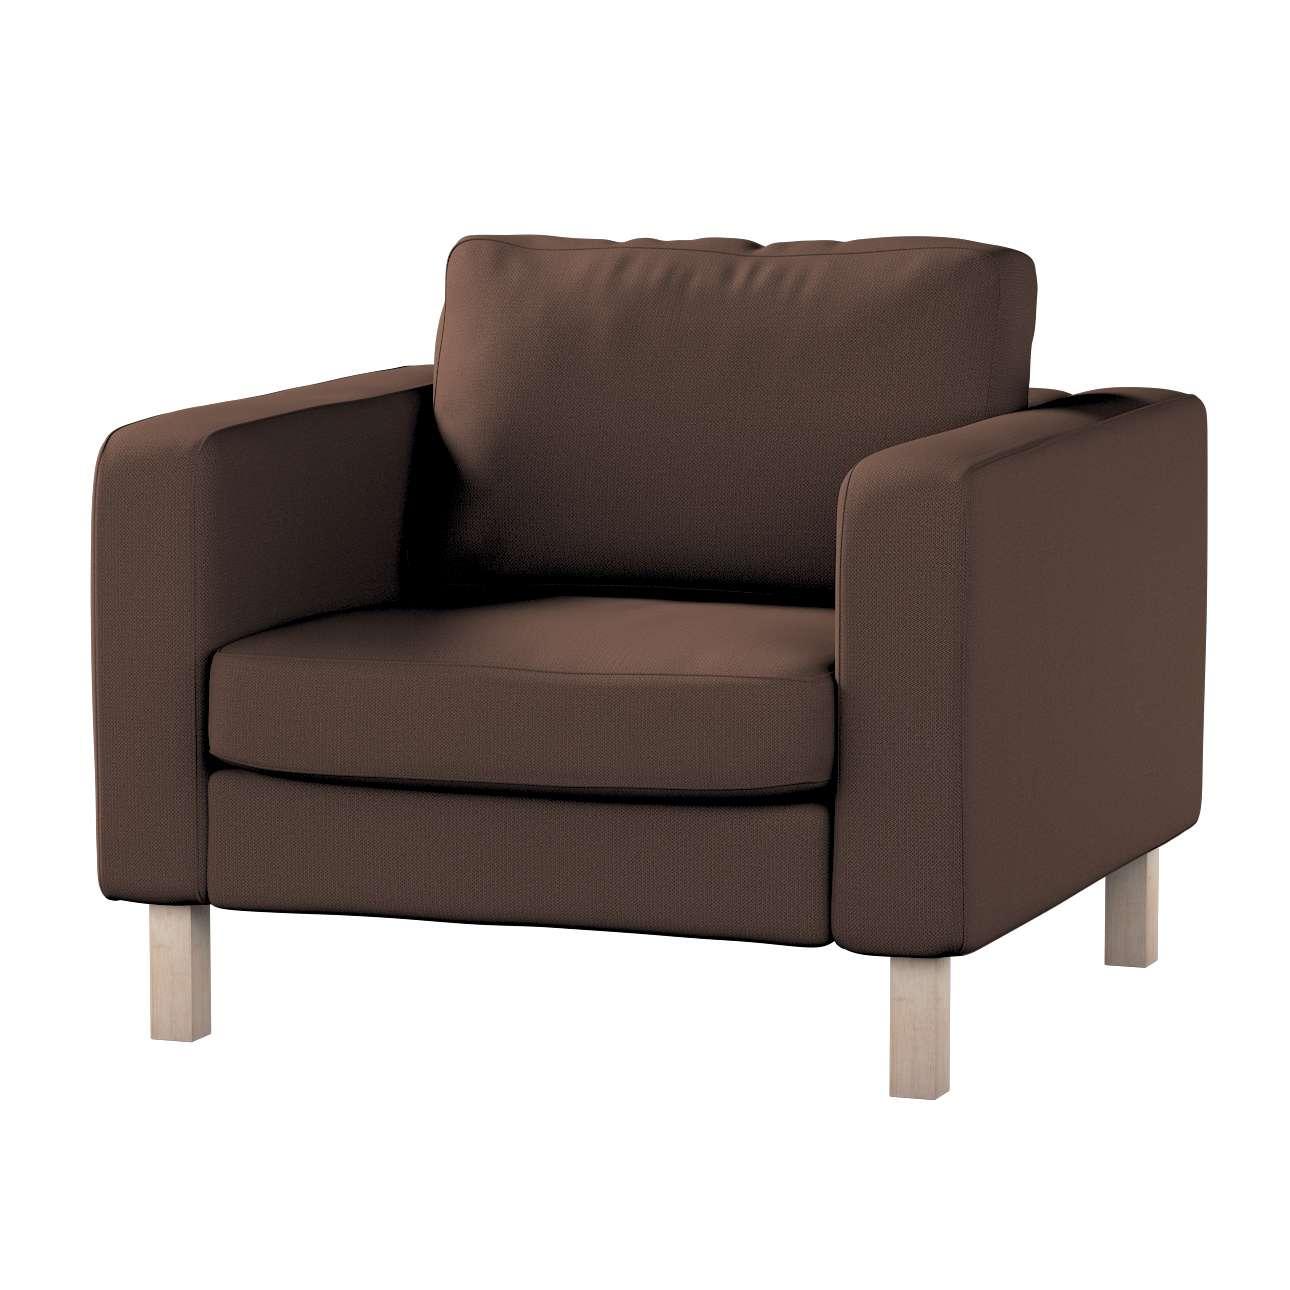 Pokrowiec na fotel Karlstad, krótki w kolekcji Bergen, tkanina: 161-73